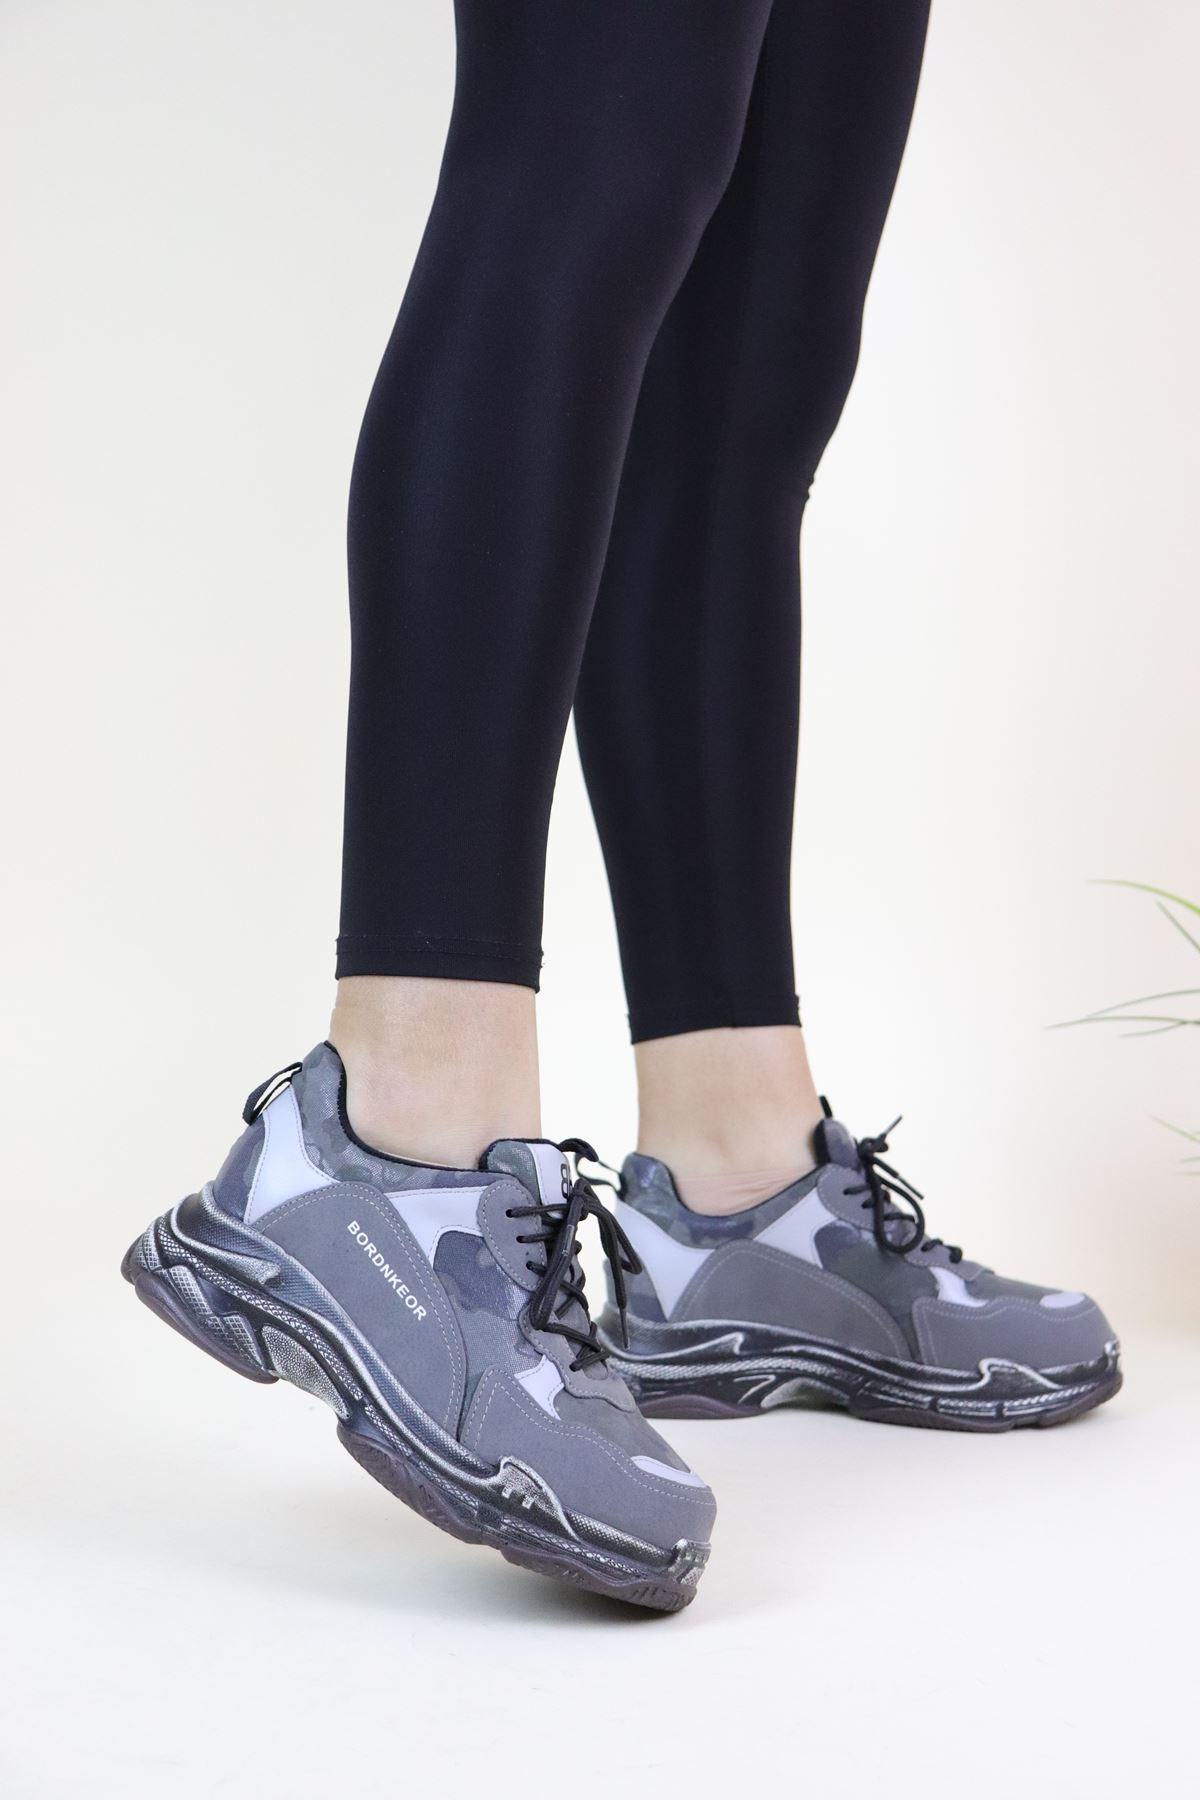 Guja Gri 19K300-5 Kadın Sneakers Ayakkabı